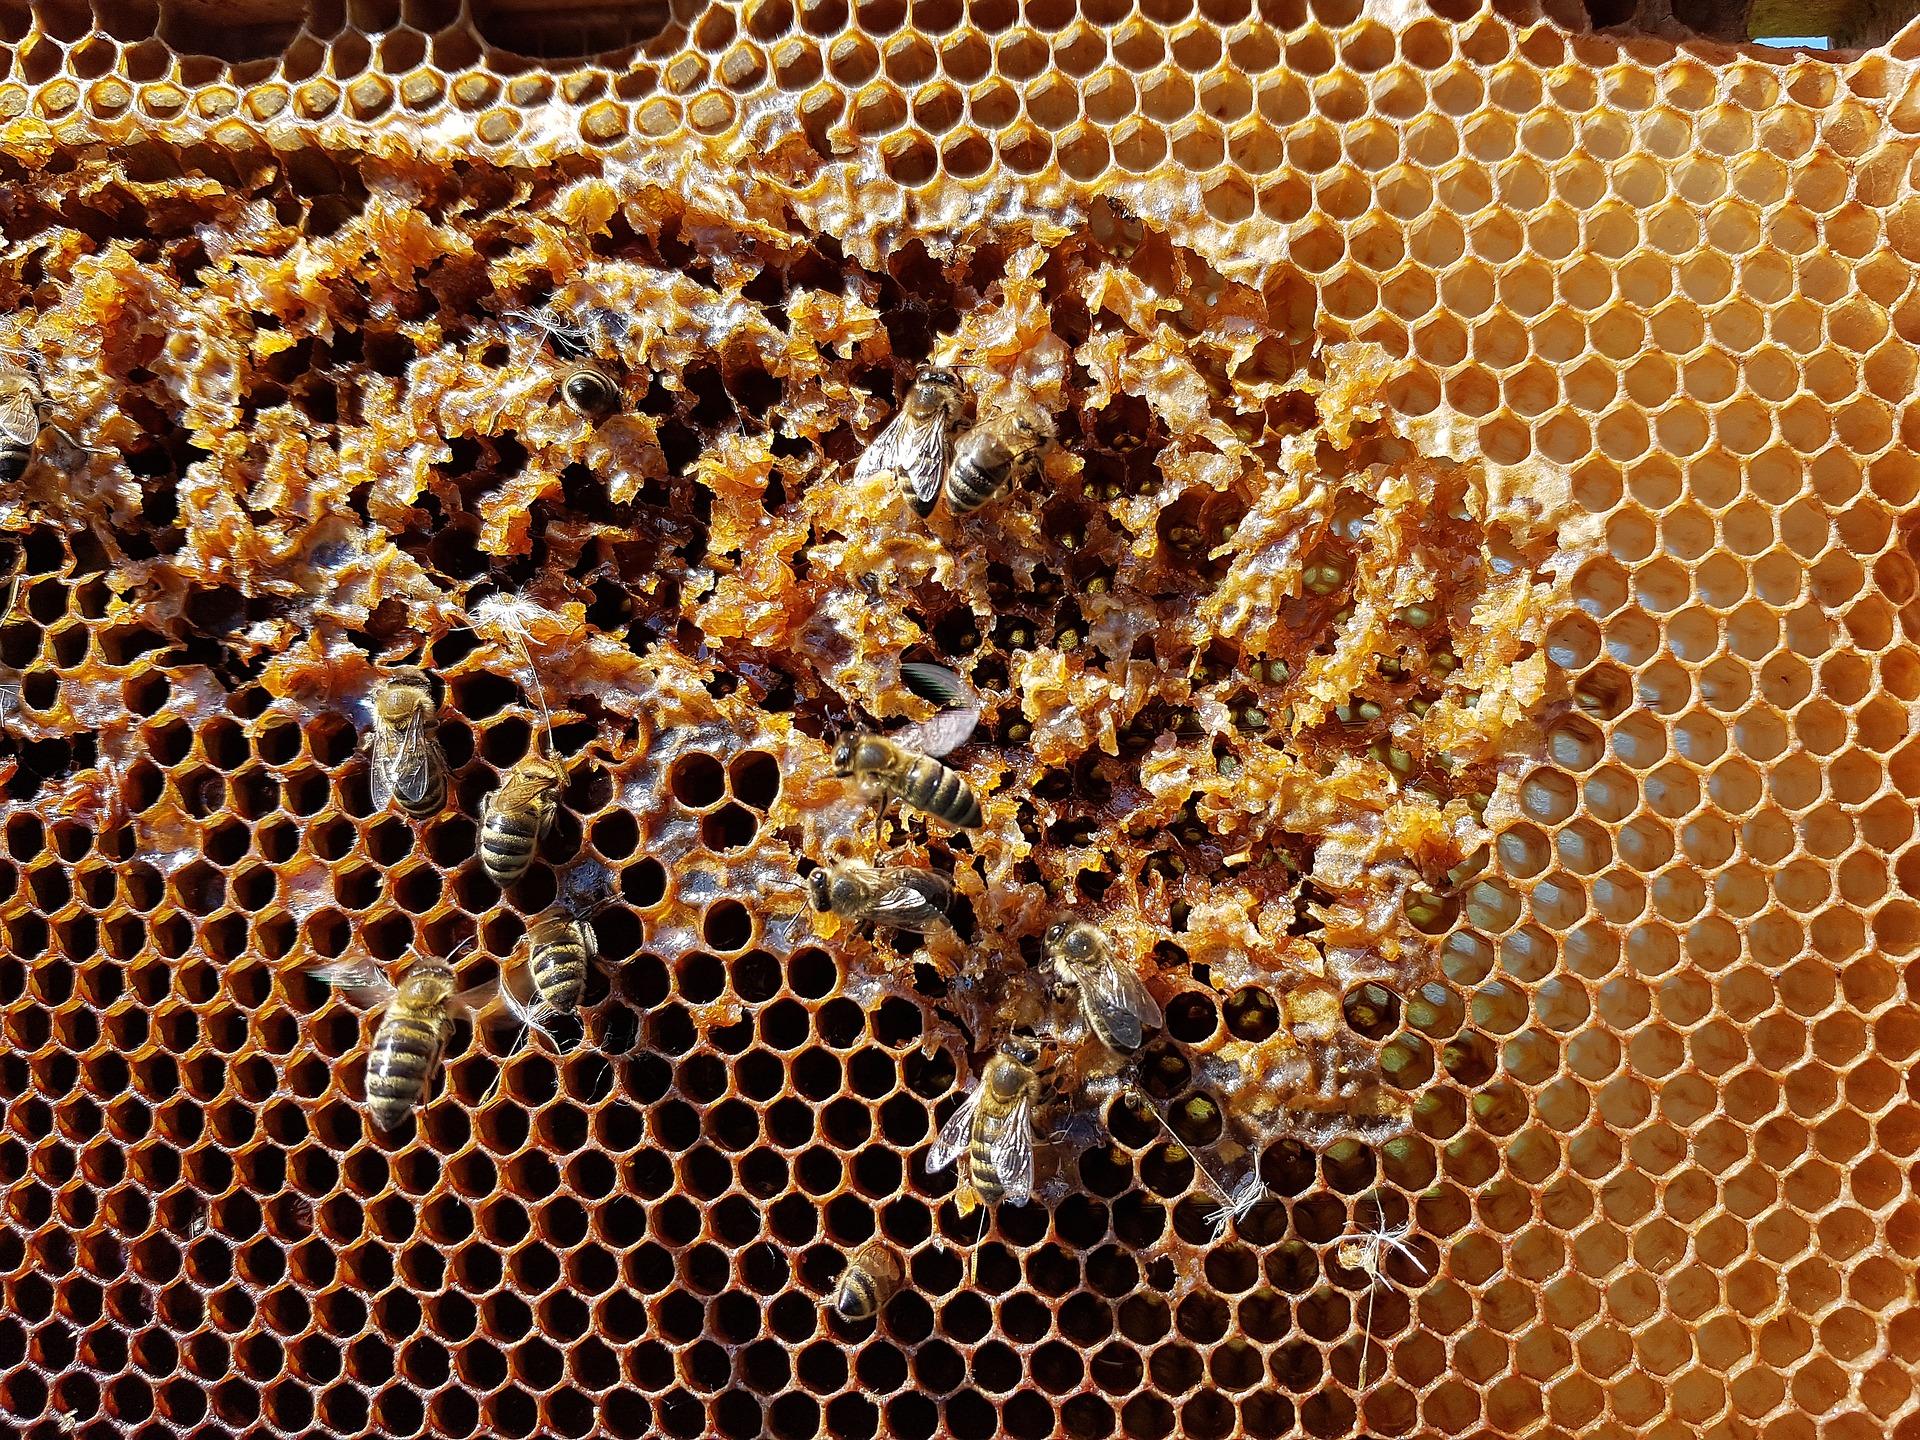 Estiman crecimiento de 22.4% en producción de miel